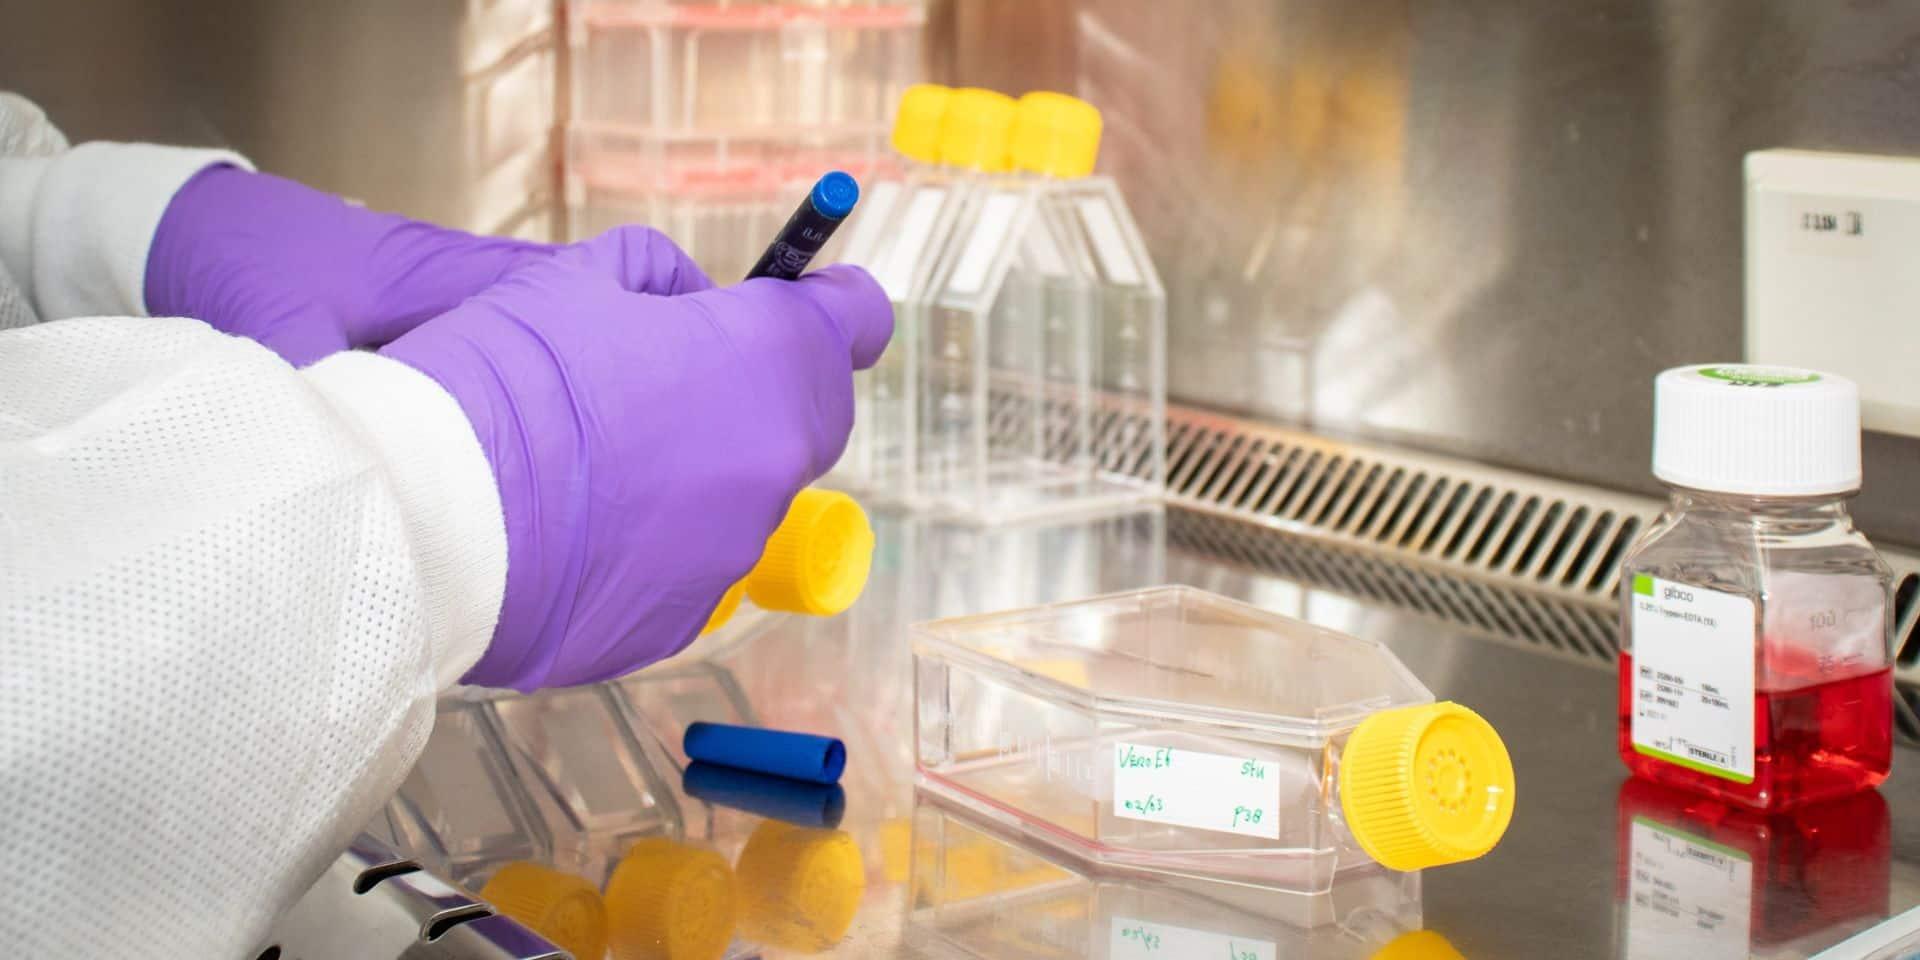 Pourquoi certains pays sont-ils plus touchés que d'autres par le coronavirus? Des chercheurs belges pensent avoir trouvé une explication